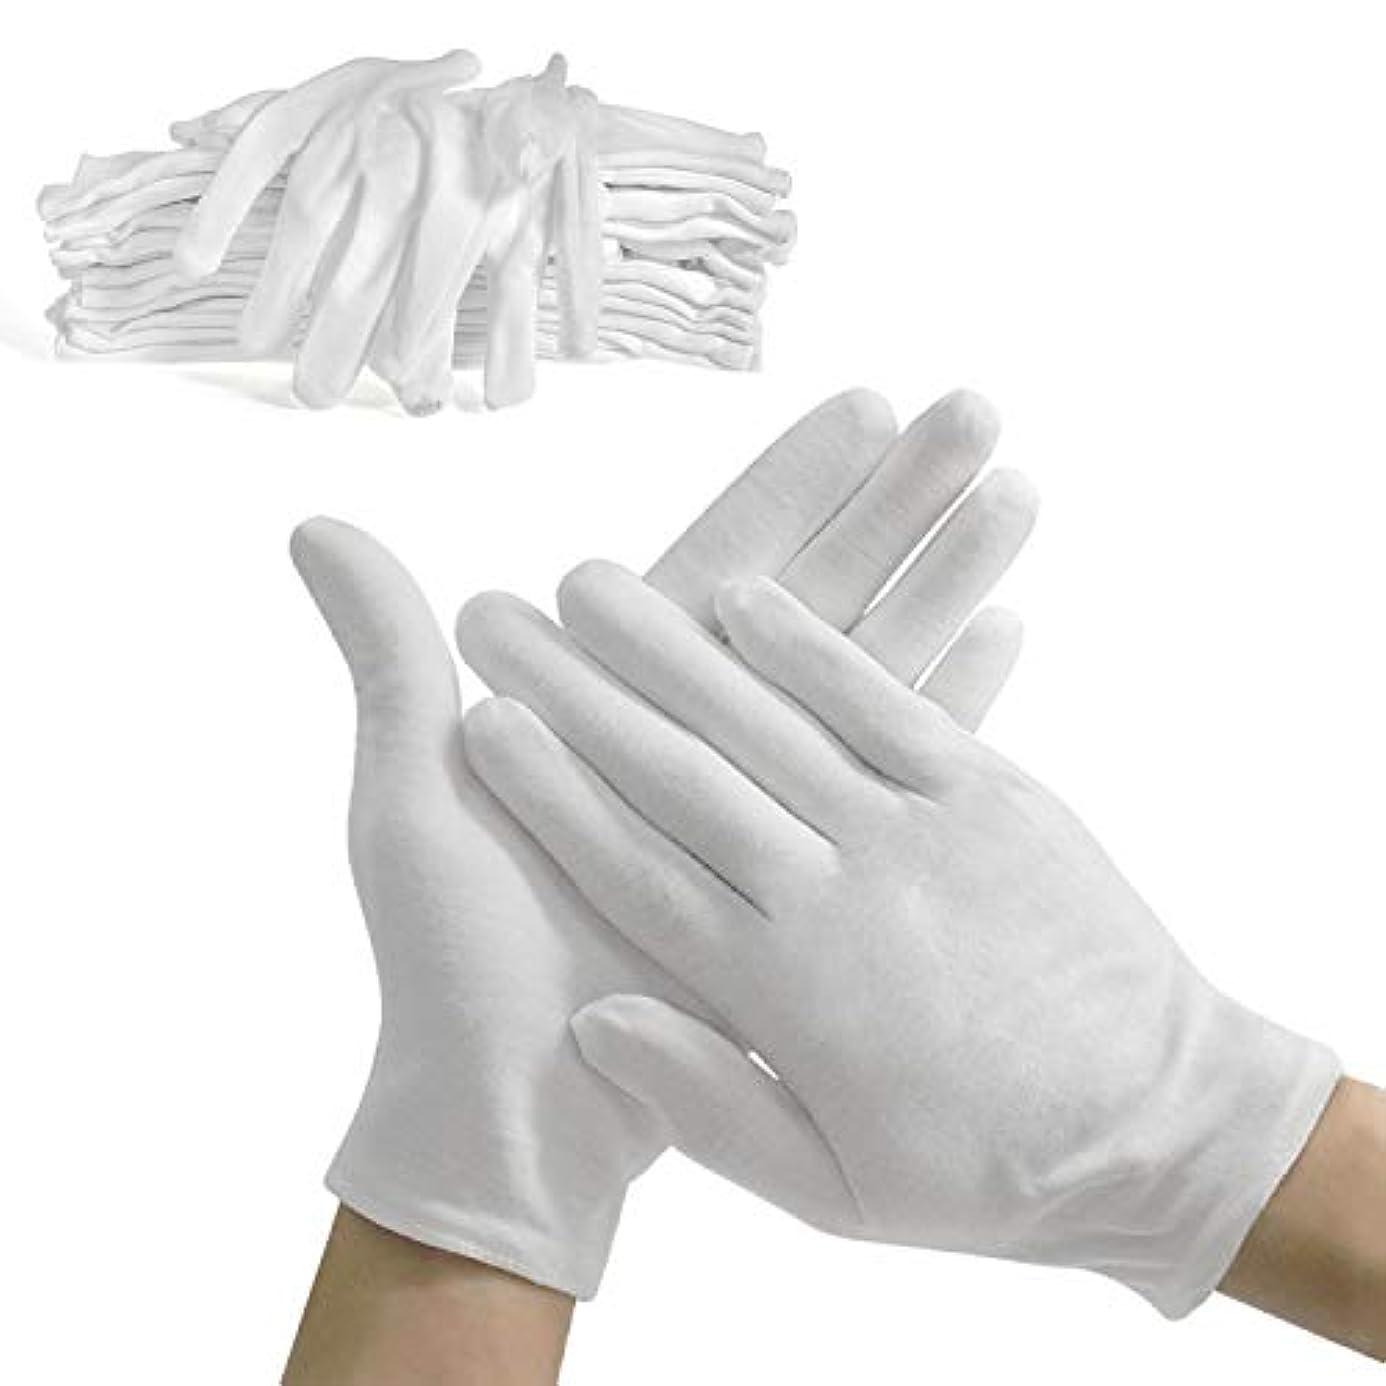 研究誠実パースブラックボロウHUOFU綿手袋 手荒れ 純綿100% コットン手袋 使い捨て 白手袋 薄手 お休み 湿疹 乾燥肌 保湿 礼装用 メンズ 手袋 レディース 8双組(L)